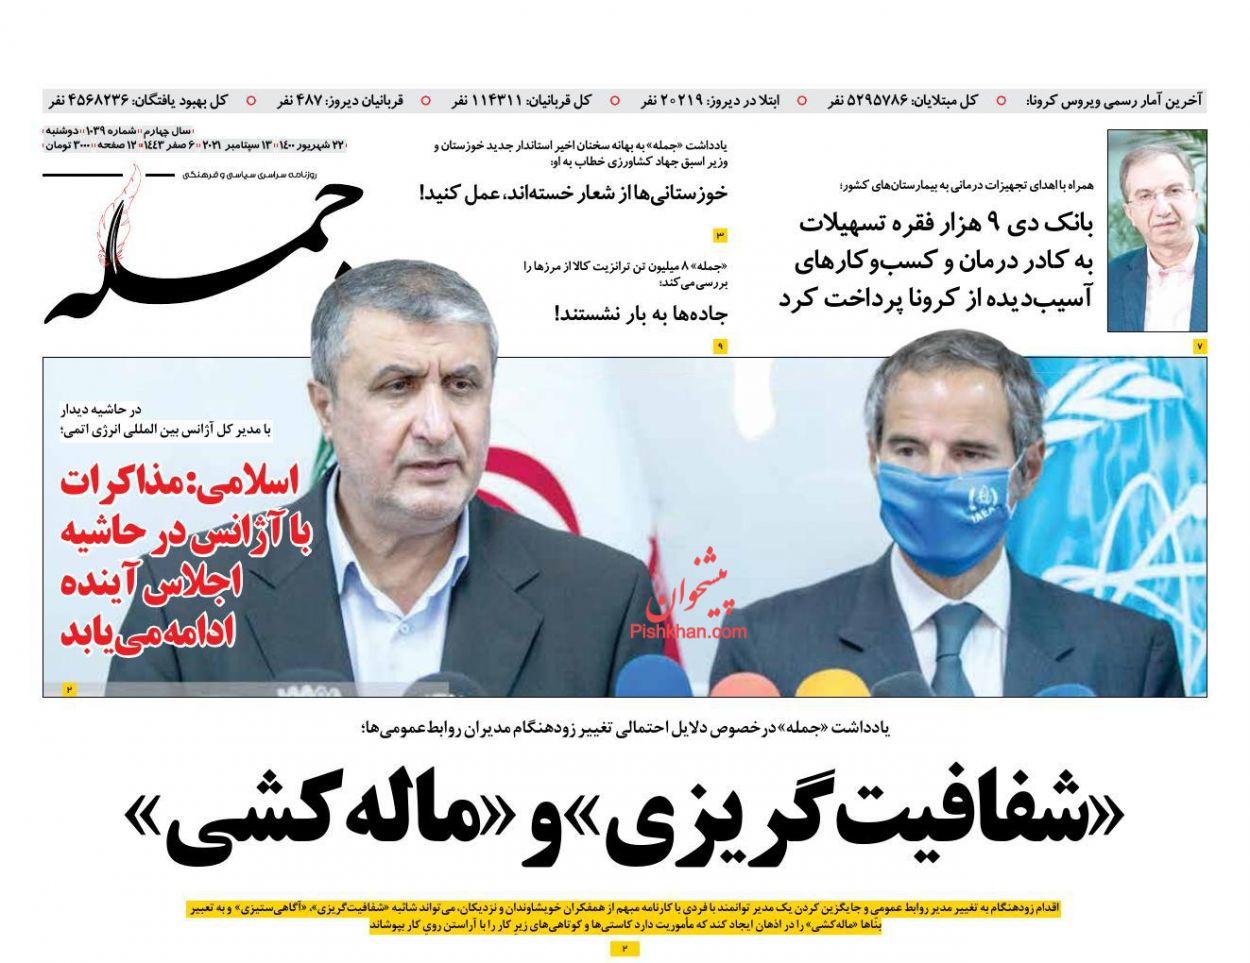 عناوین اخبار روزنامه جمله در روز دوشنبه ۲۲ شهريور